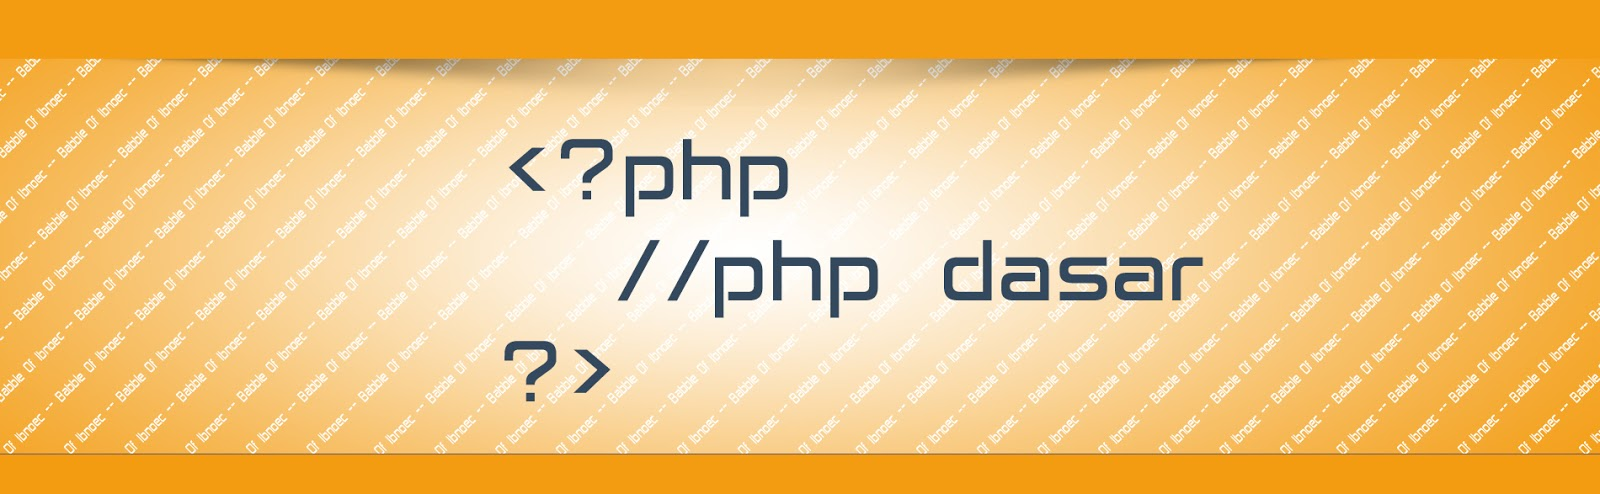 Sintak Dasar pada PHP.